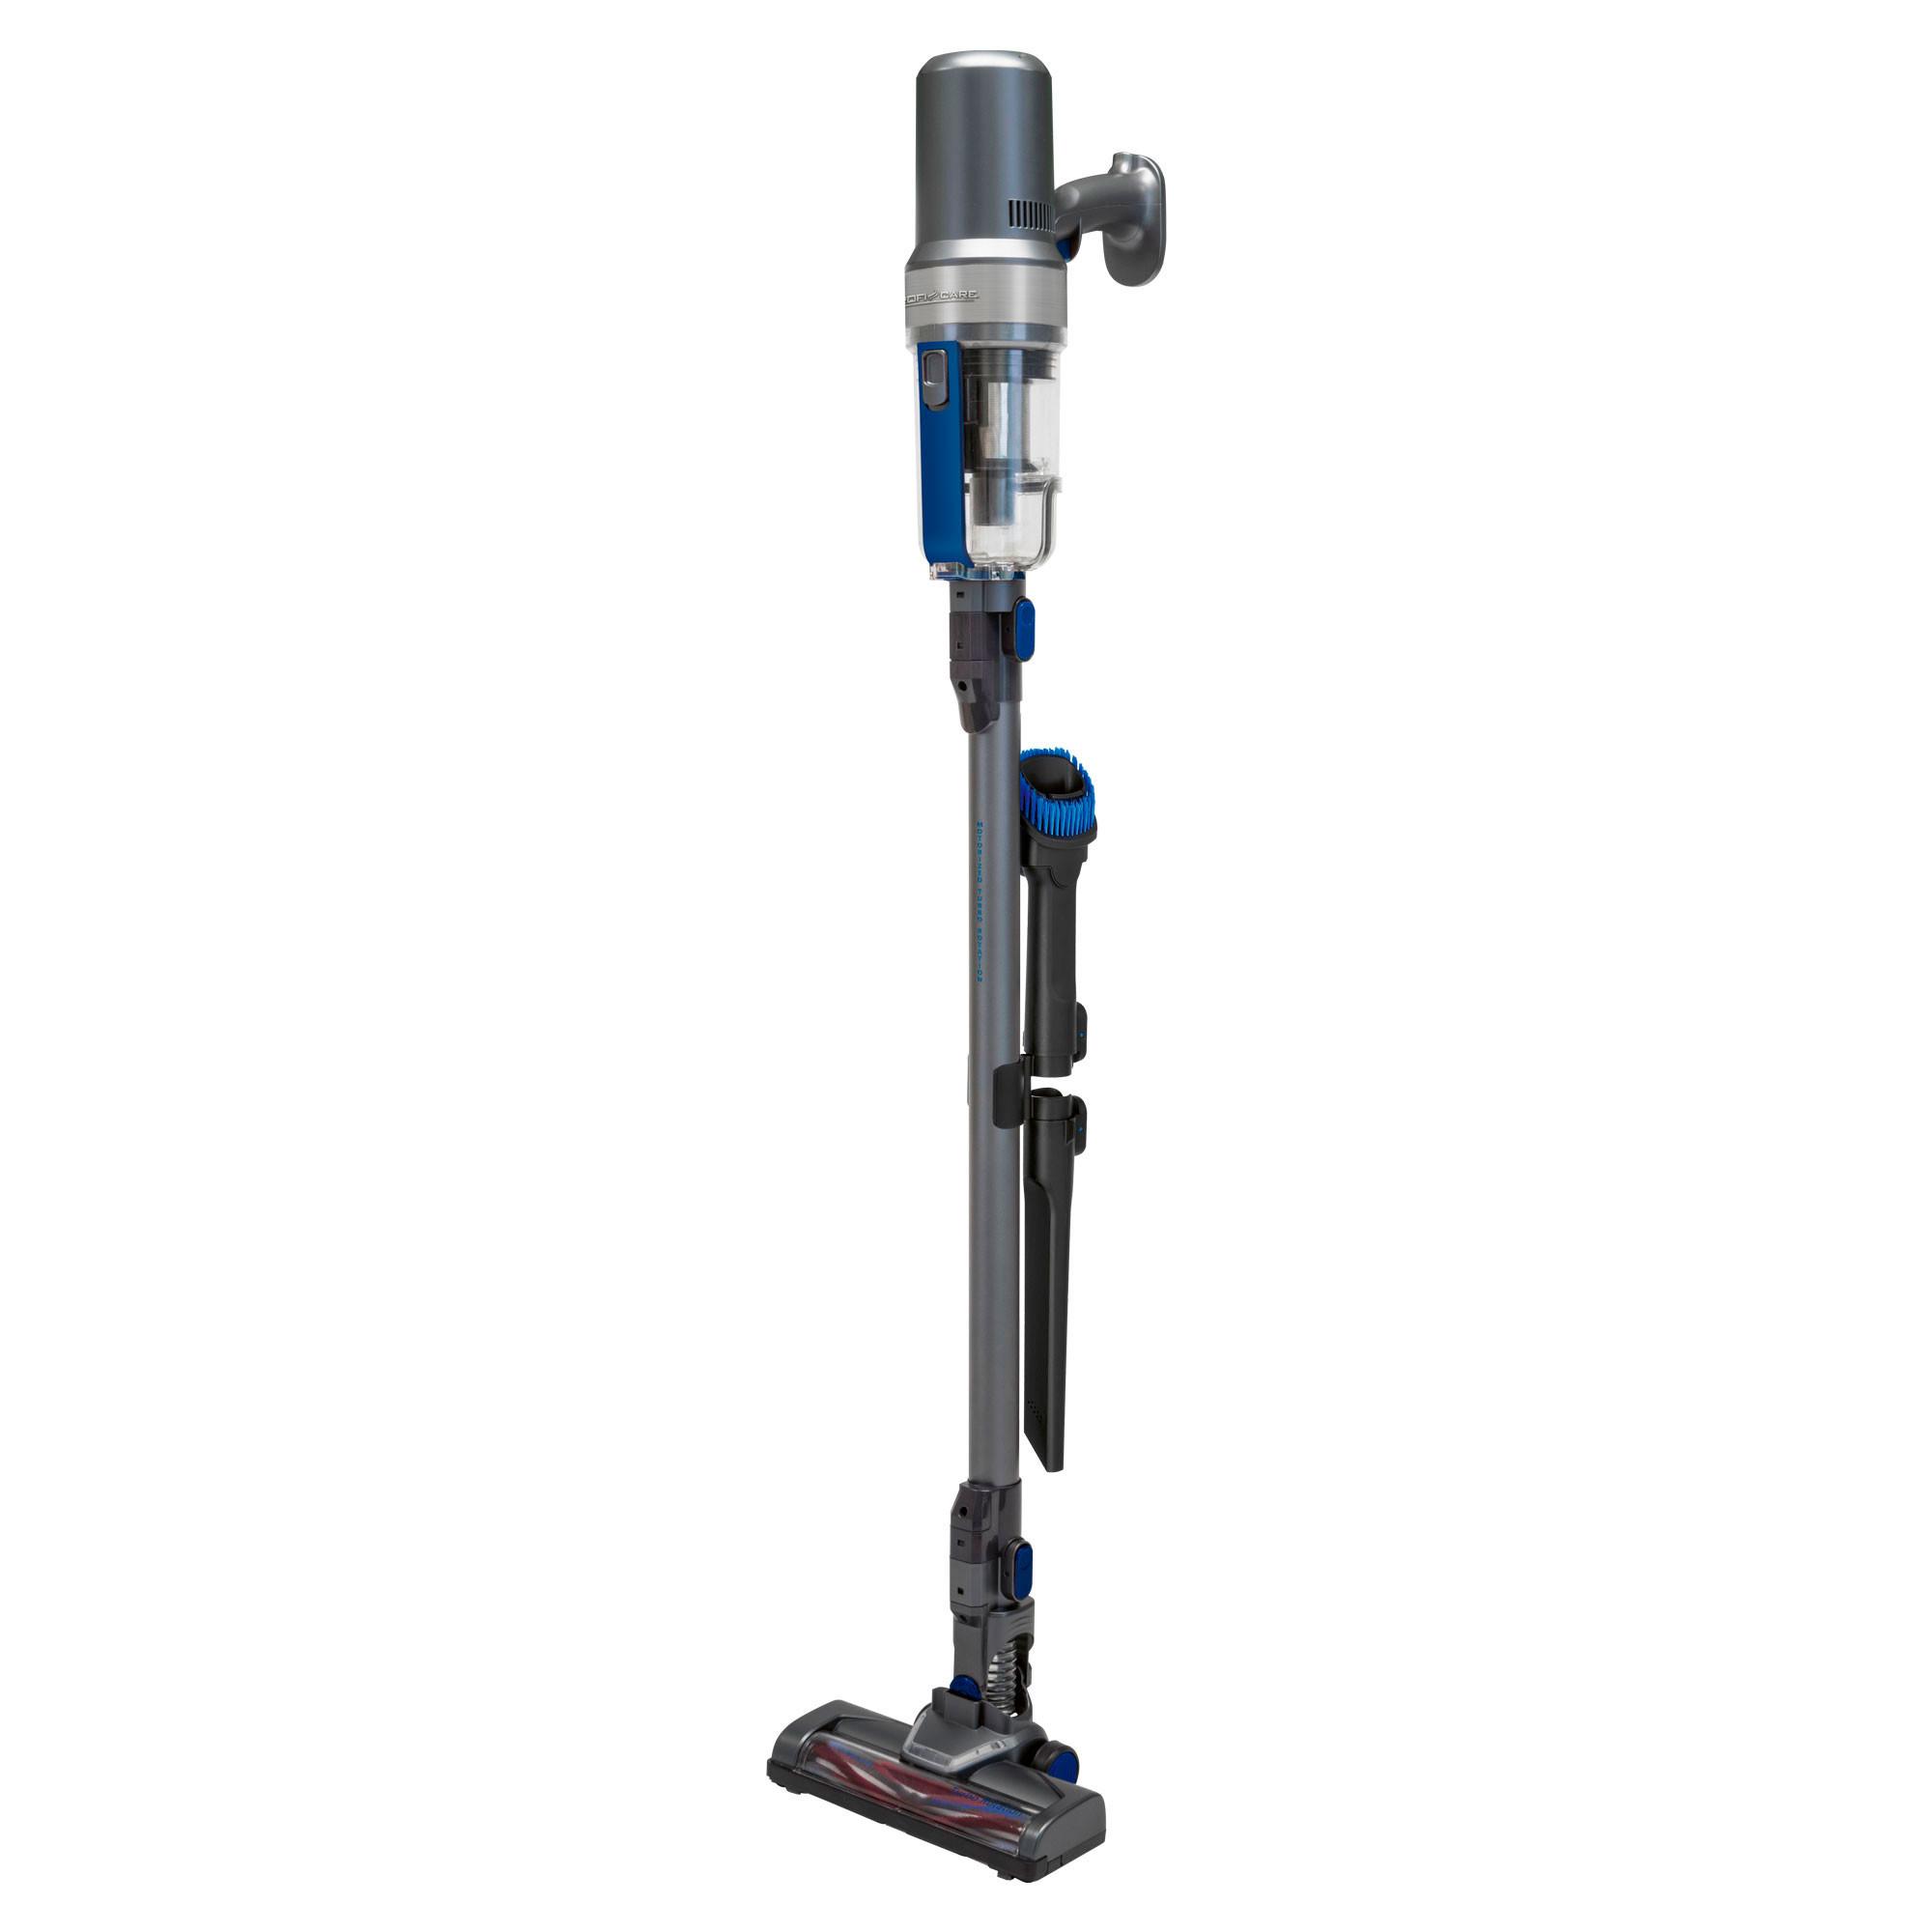 ProfiCare BS 3085 Aspiradora Escoba y de Mano sin Cable Potente, Ciclónica, Batería 25,9V, uso Vertical y Mano, Cepillo Turbo, Tapicerías, Autonomía 40 Minutos